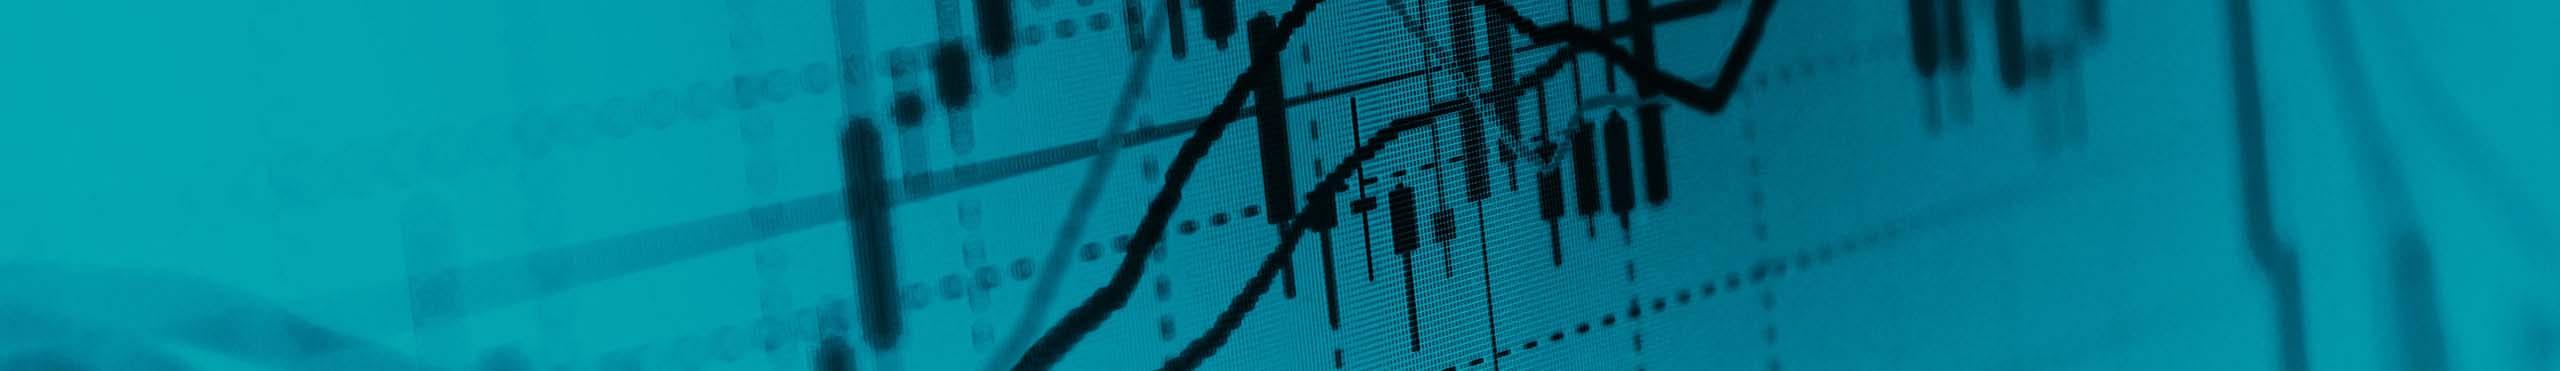 Fonds patrimoniaux : Comment choisir ses investissements ?